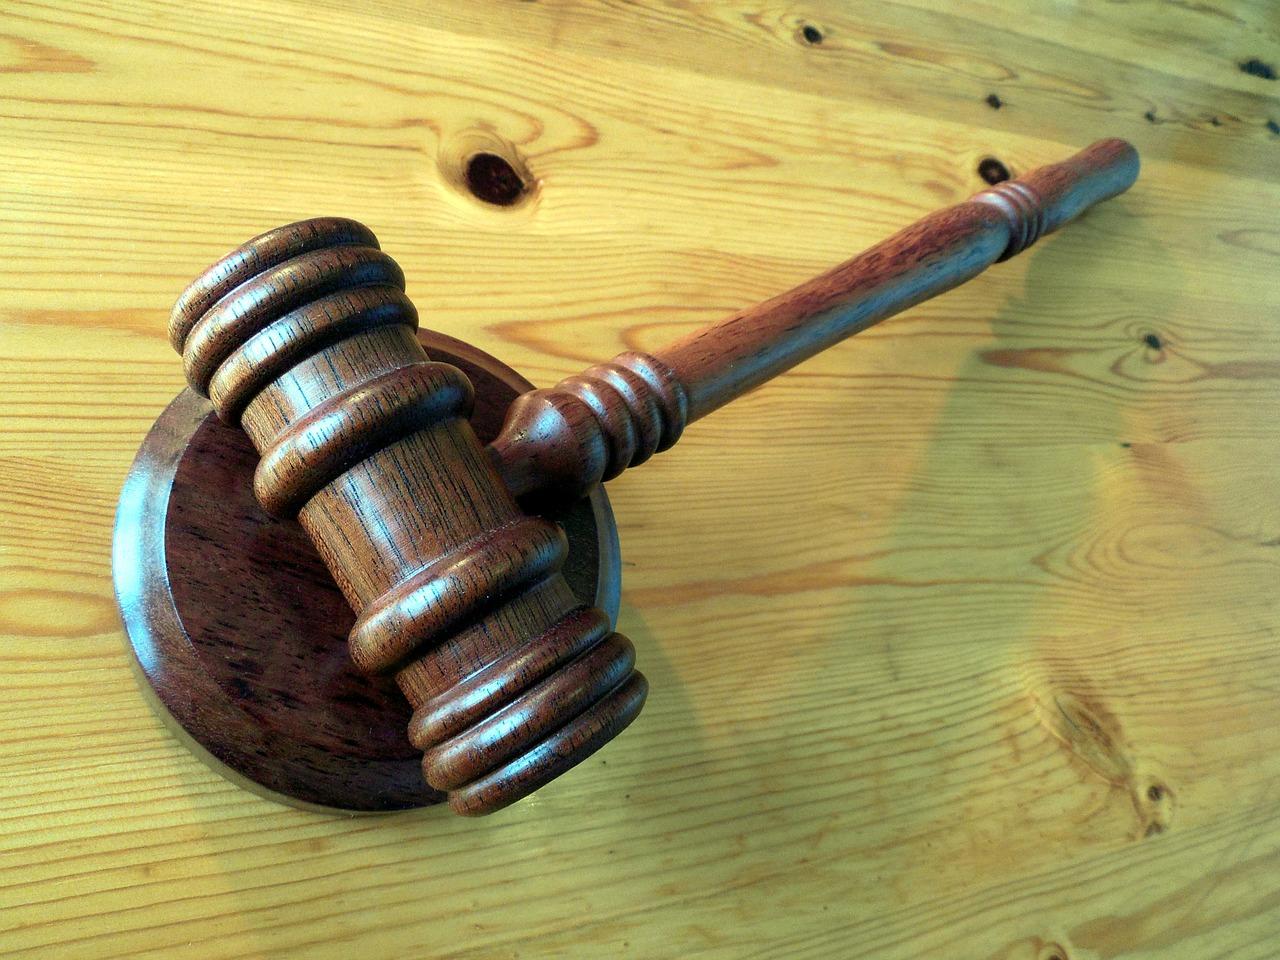 Assegno di mantenimento: non pagare diventa un reato punibile anche con il carcere